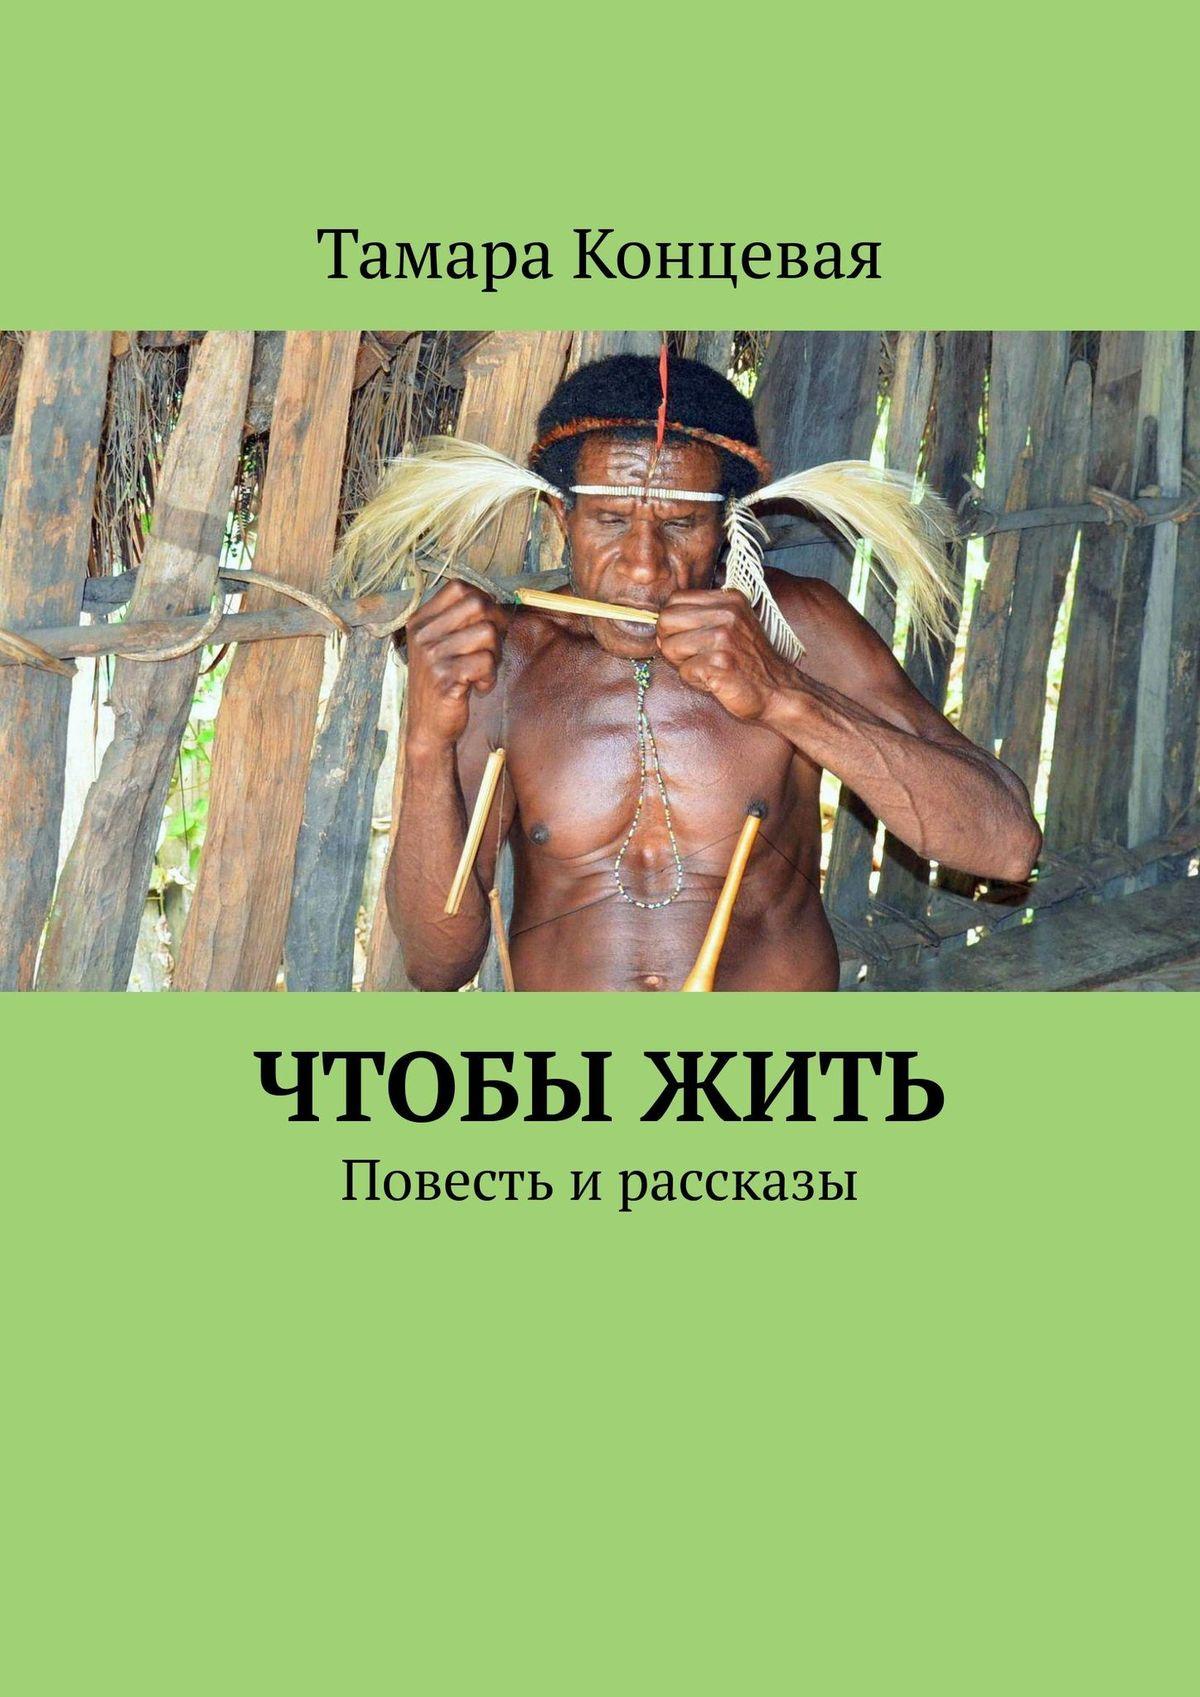 papuasy nyneshnego veka priklyuchencheskaya povest i rasskazy